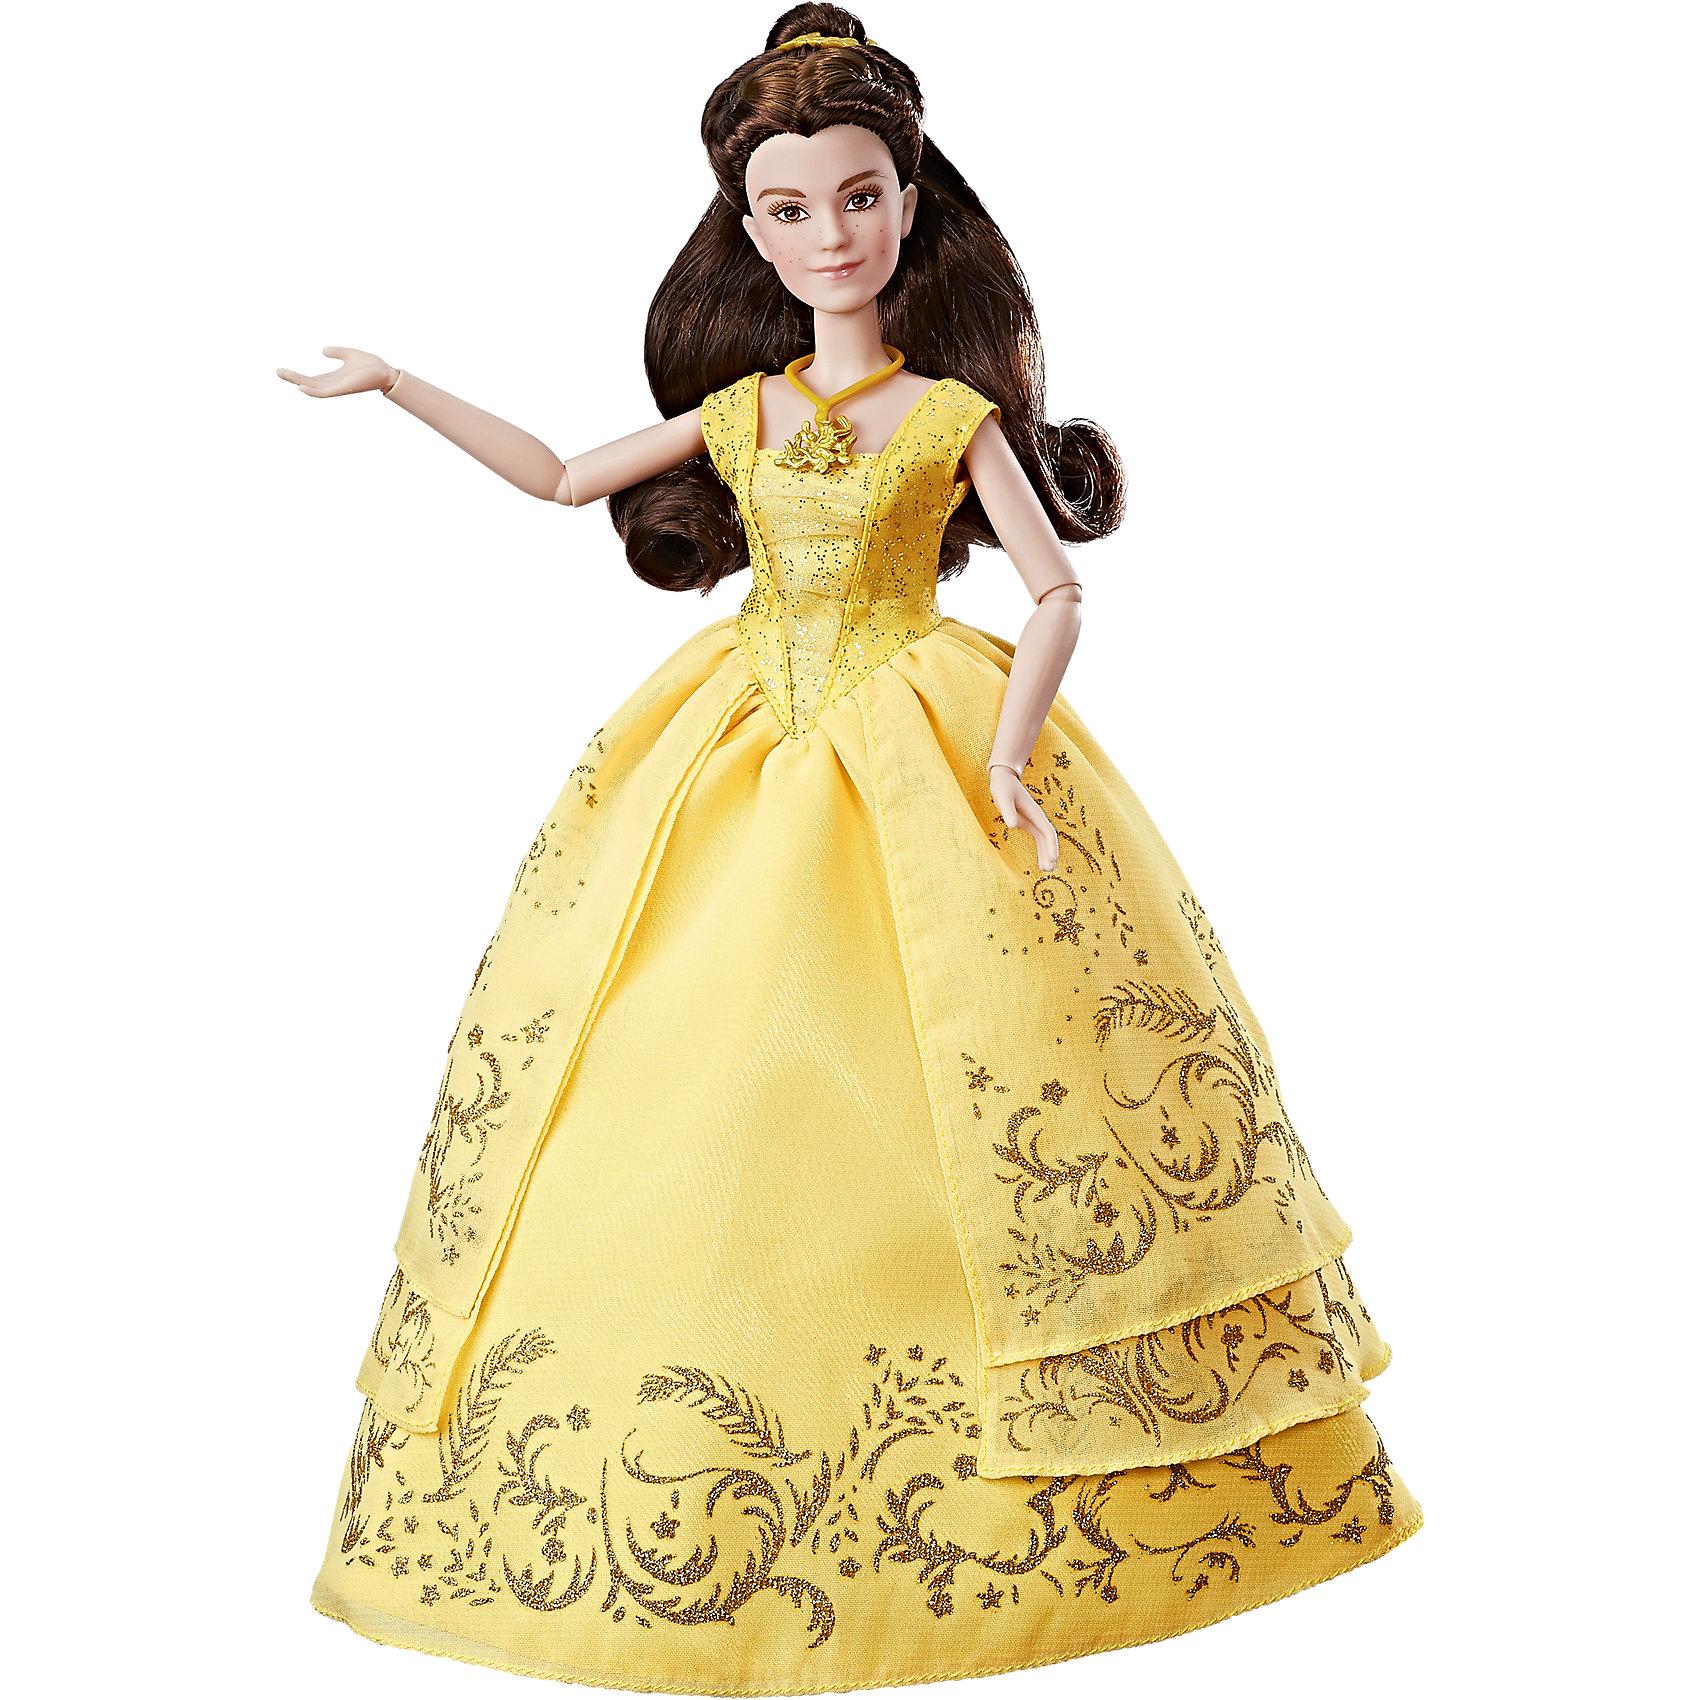 Бэлль в  роскошном платье, Принцессы Дисней, HasbroПопулярные игрушки<br>Бальная комната окутана волшебством. Белль сияет внутренней и внешней красотой в то время, как она спускается по лестнице к своей новой жизни. Эта кукла одета в легендарное золотое платье, на создание которого нас вдохновил фильм Дисней «Красавица и Чудовище». Девочки могут представлять как помогают Белль подготовиться ко встречи с Чудовищем или разыгрывать другие сцены из фильма. В комплект входят кукла, платье и модные аксессуары.<br><br>Ширина мм: 9999<br>Глубина мм: 9999<br>Высота мм: 9999<br>Вес г: 9999<br>Возраст от месяцев: 36<br>Возраст до месяцев: 84<br>Пол: Женский<br>Возраст: Детский<br>SKU: 5225692